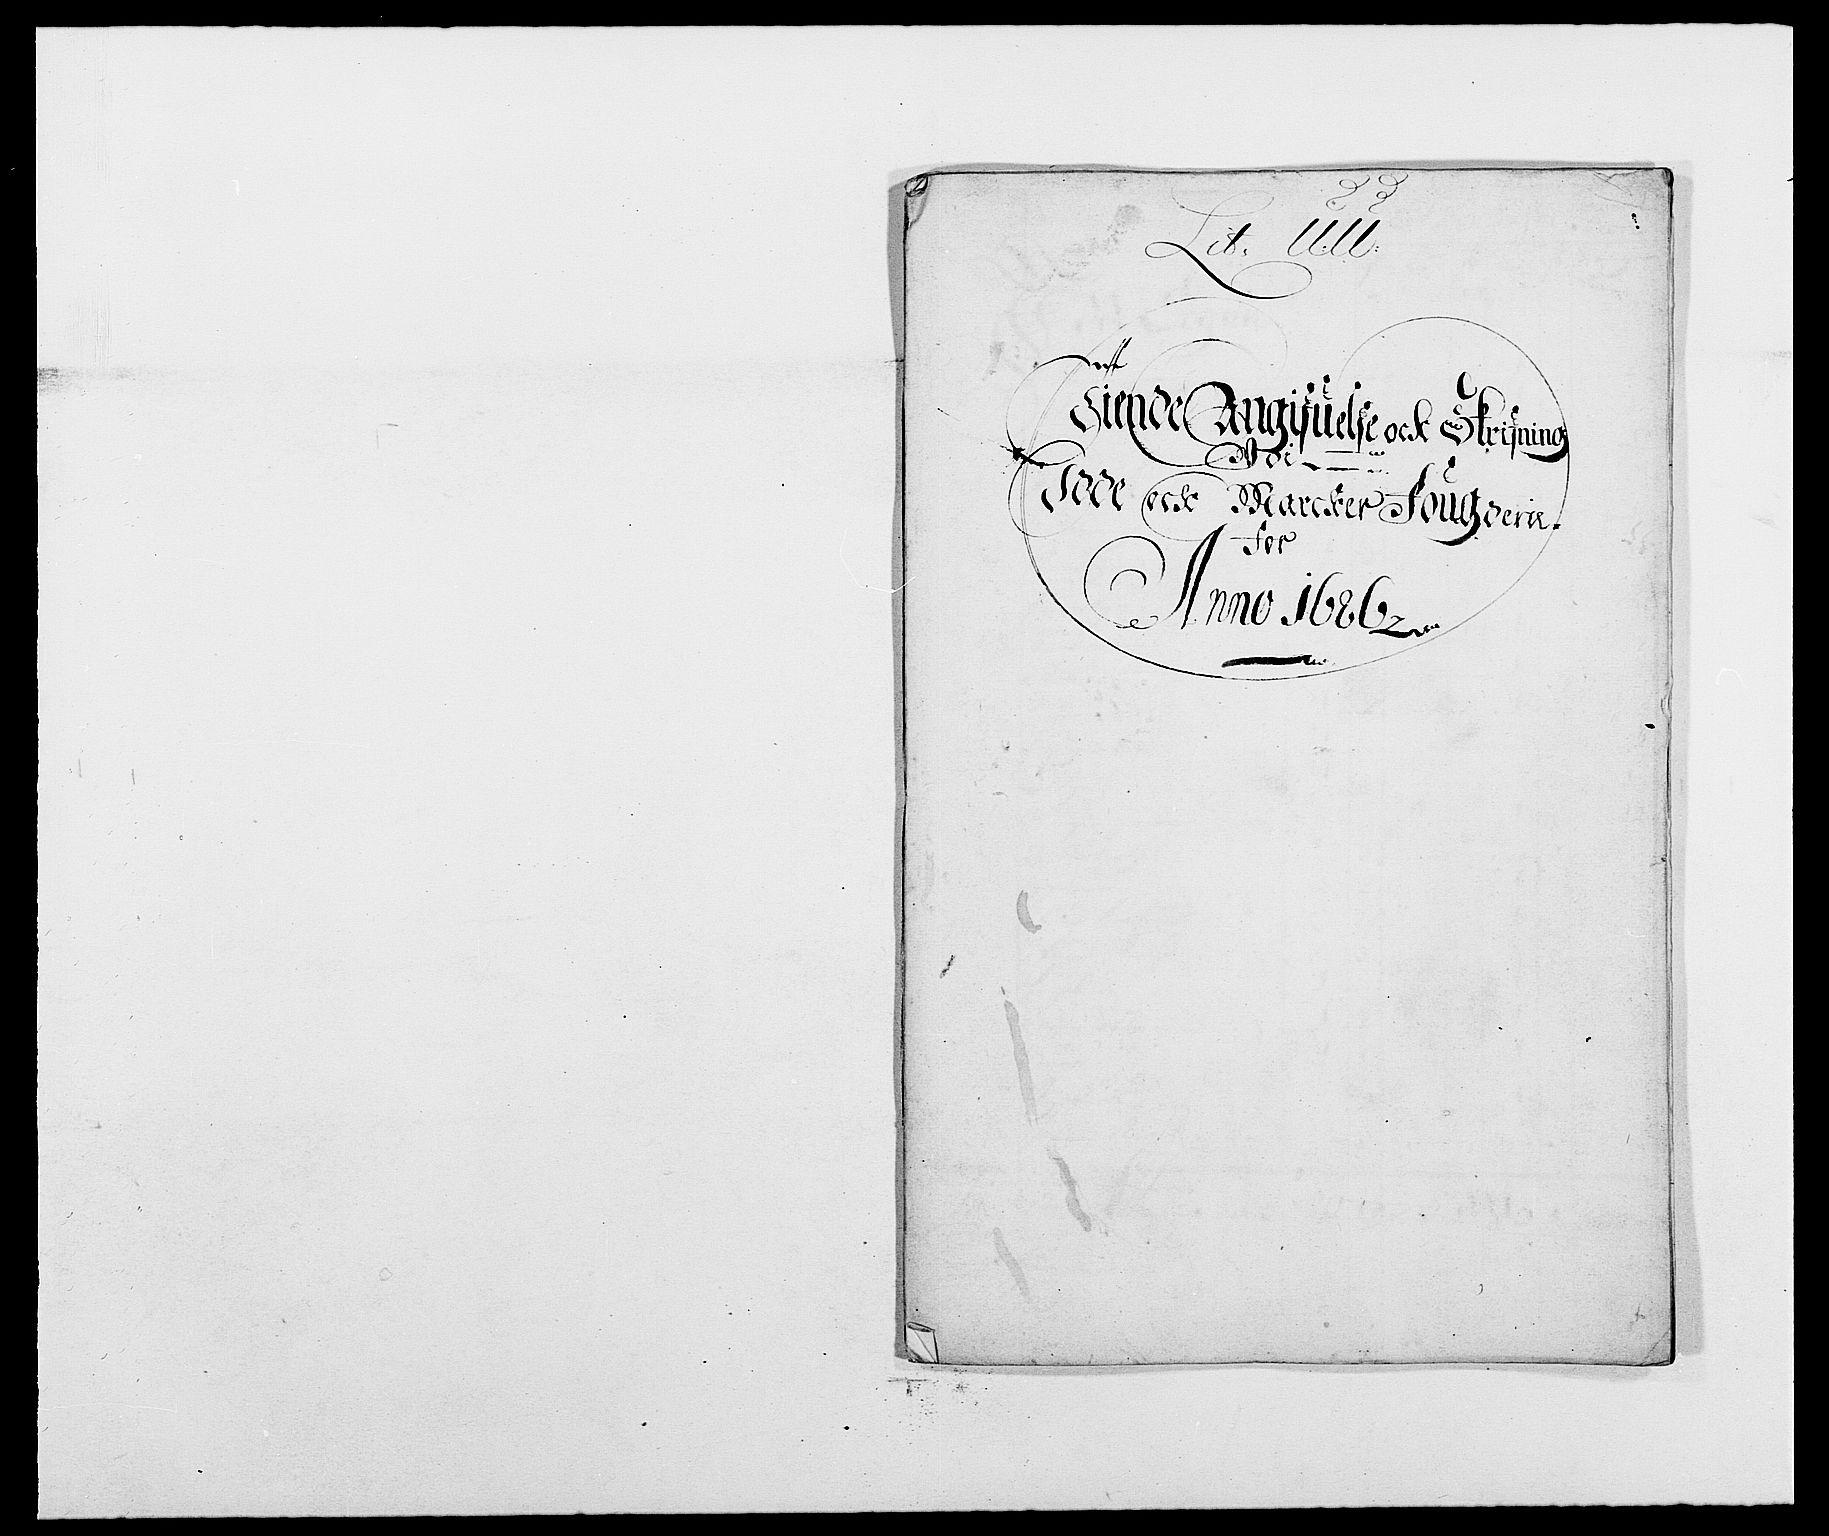 RA, Rentekammeret inntil 1814, Reviderte regnskaper, Fogderegnskap, R01/L0006: Fogderegnskap Idd og Marker, 1685-1686, s. 265